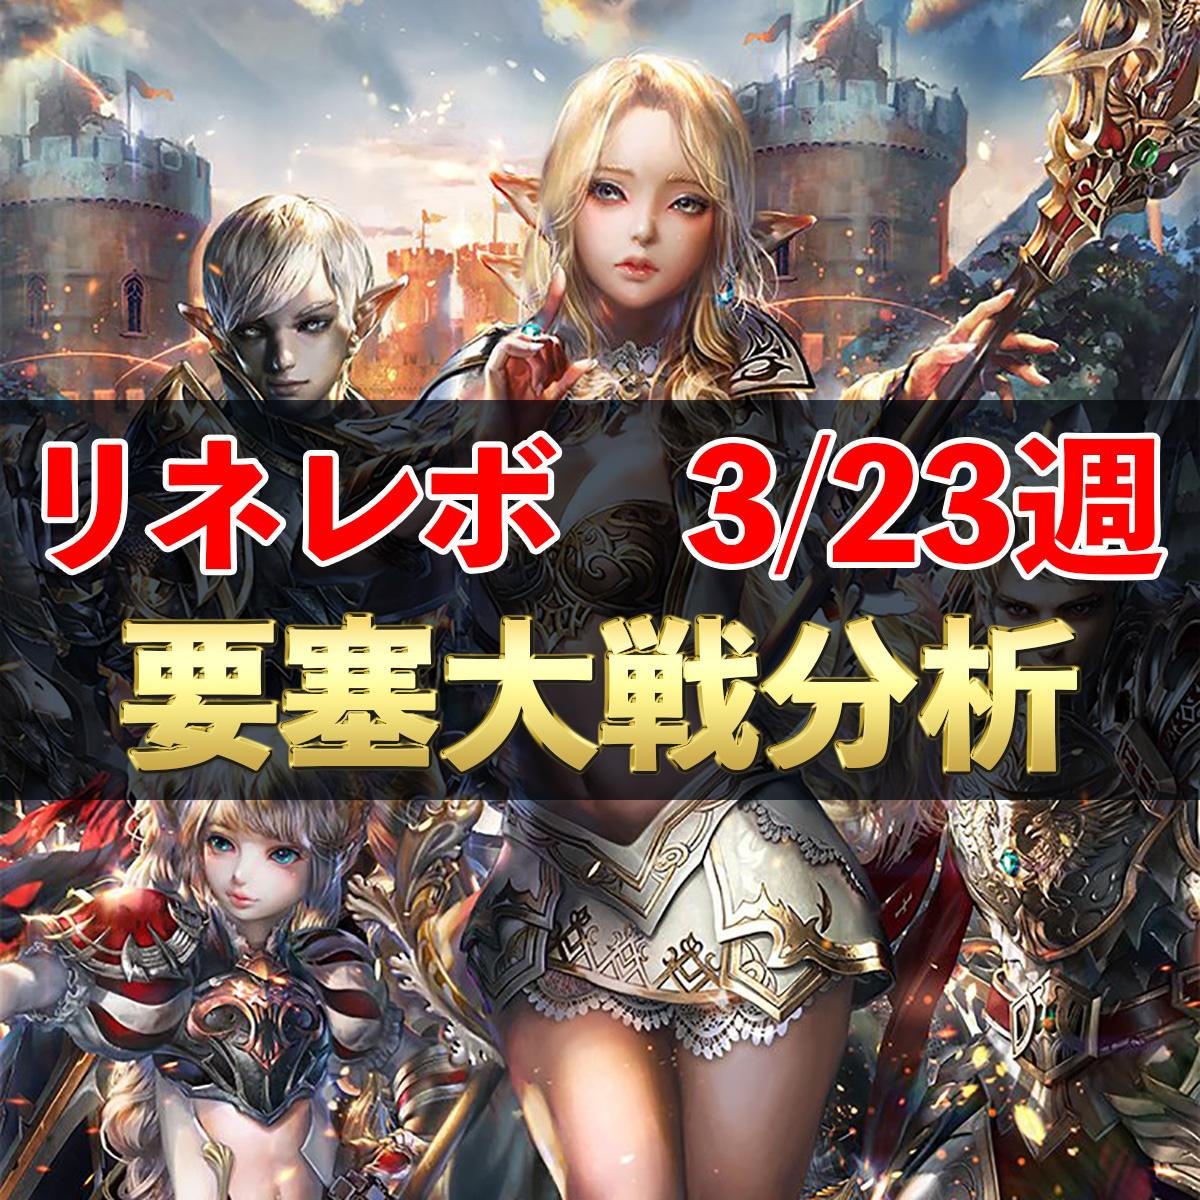 【リネレボ】3/23週 要塞大戦戦績分析